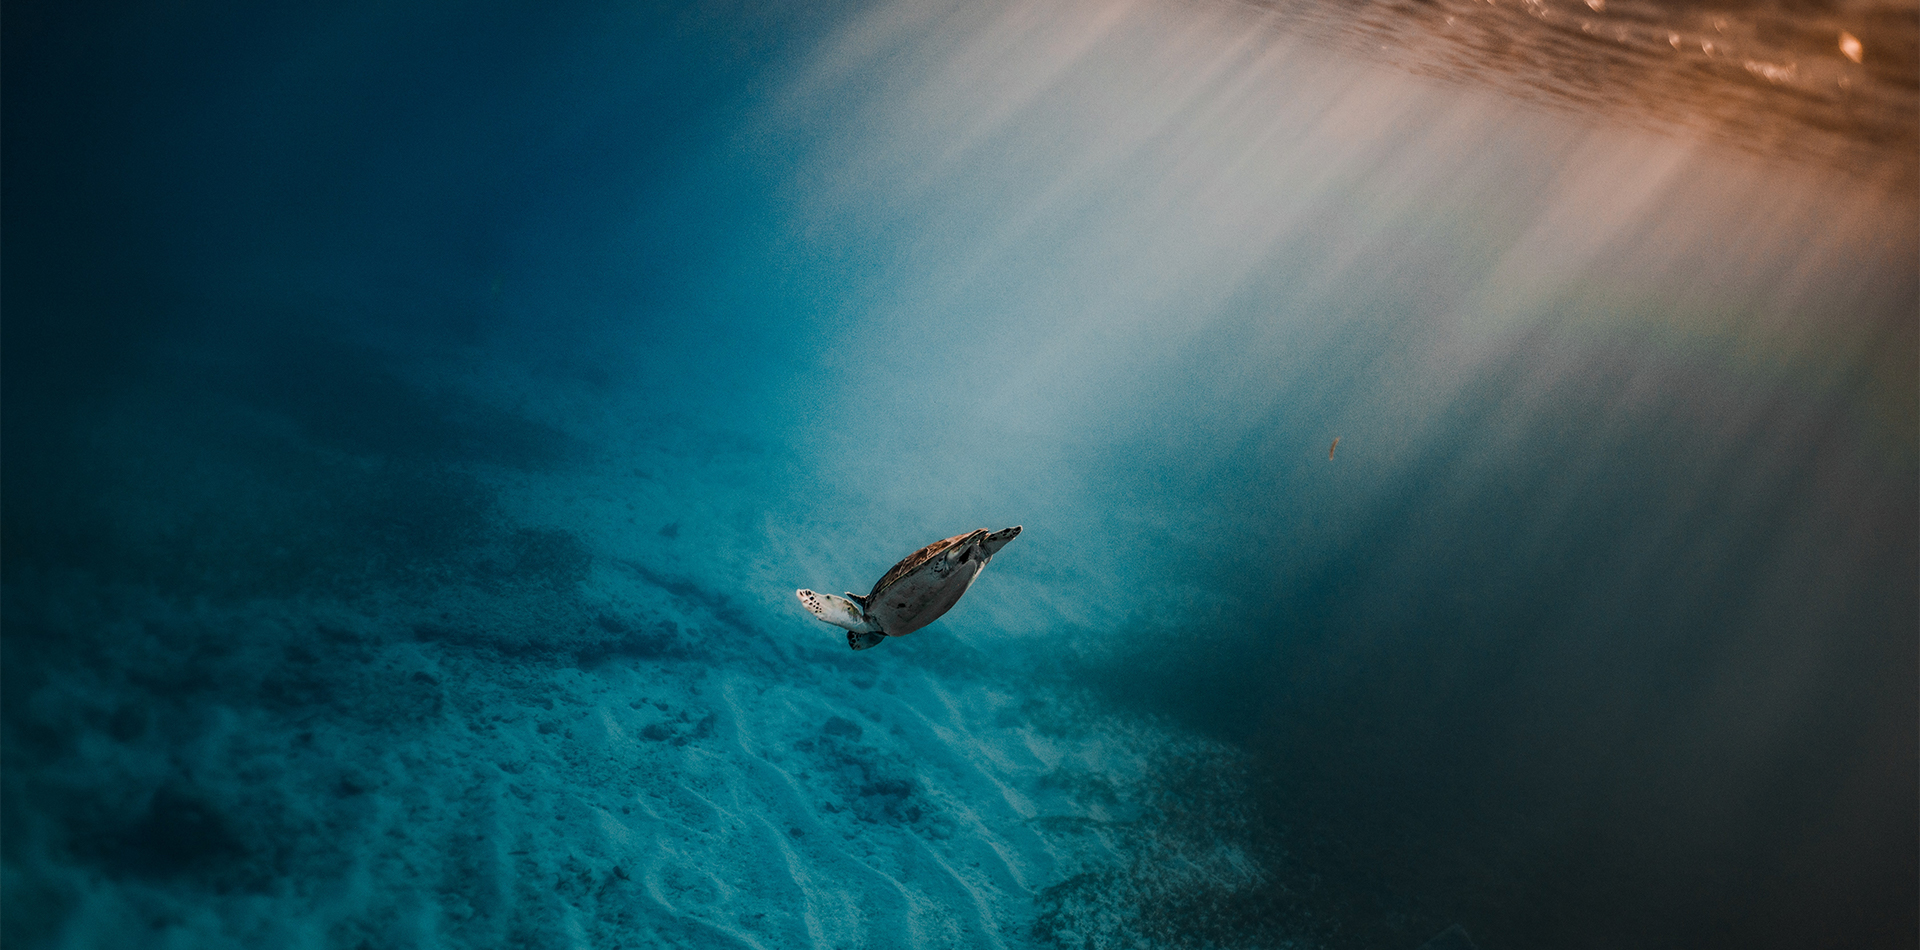 underwater diving sea turtle